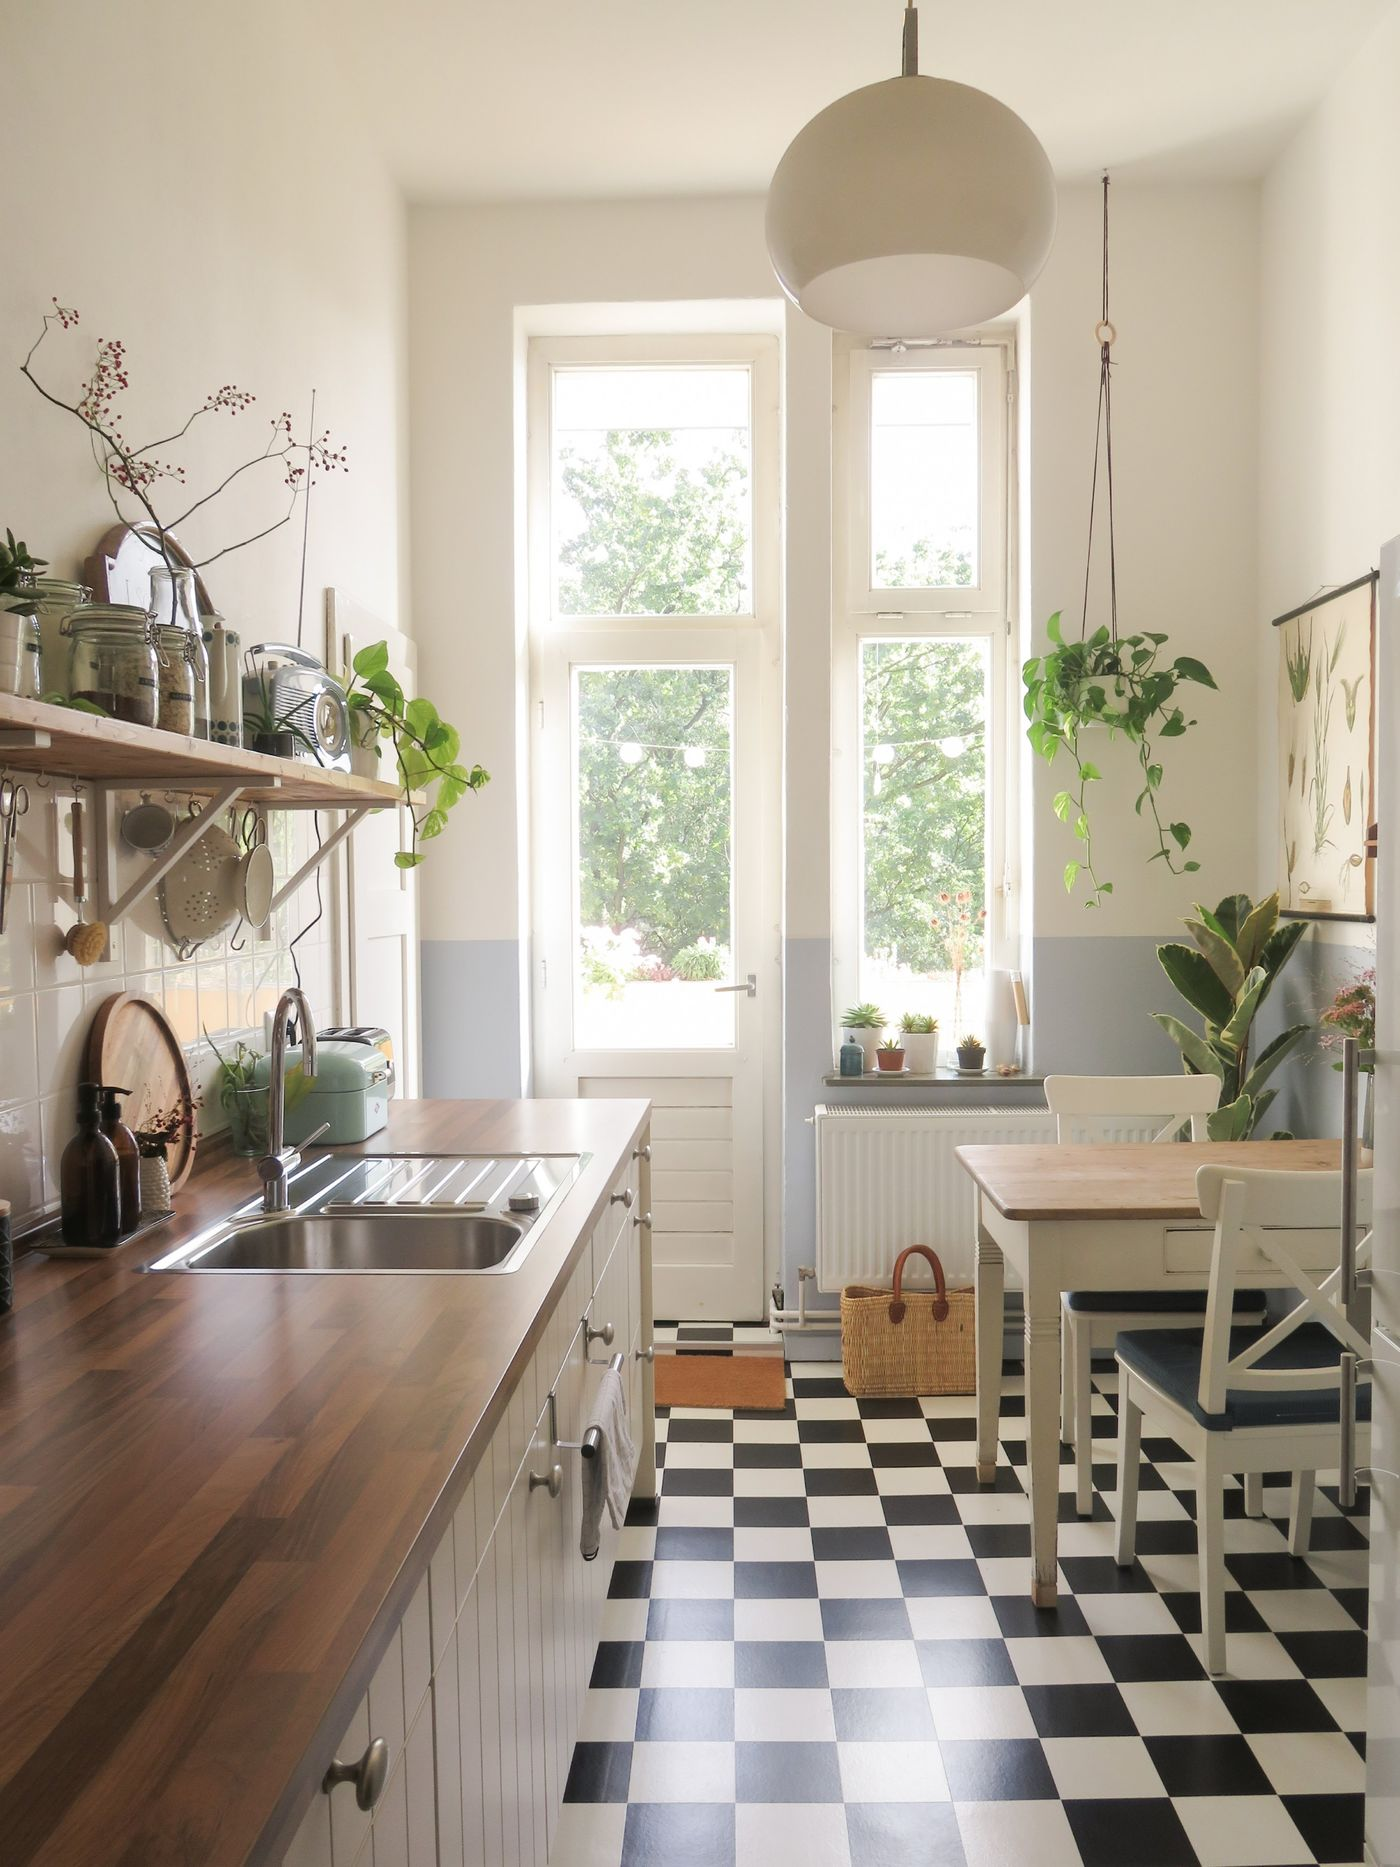 kleine k chen singlek chen einrichten. Black Bedroom Furniture Sets. Home Design Ideas